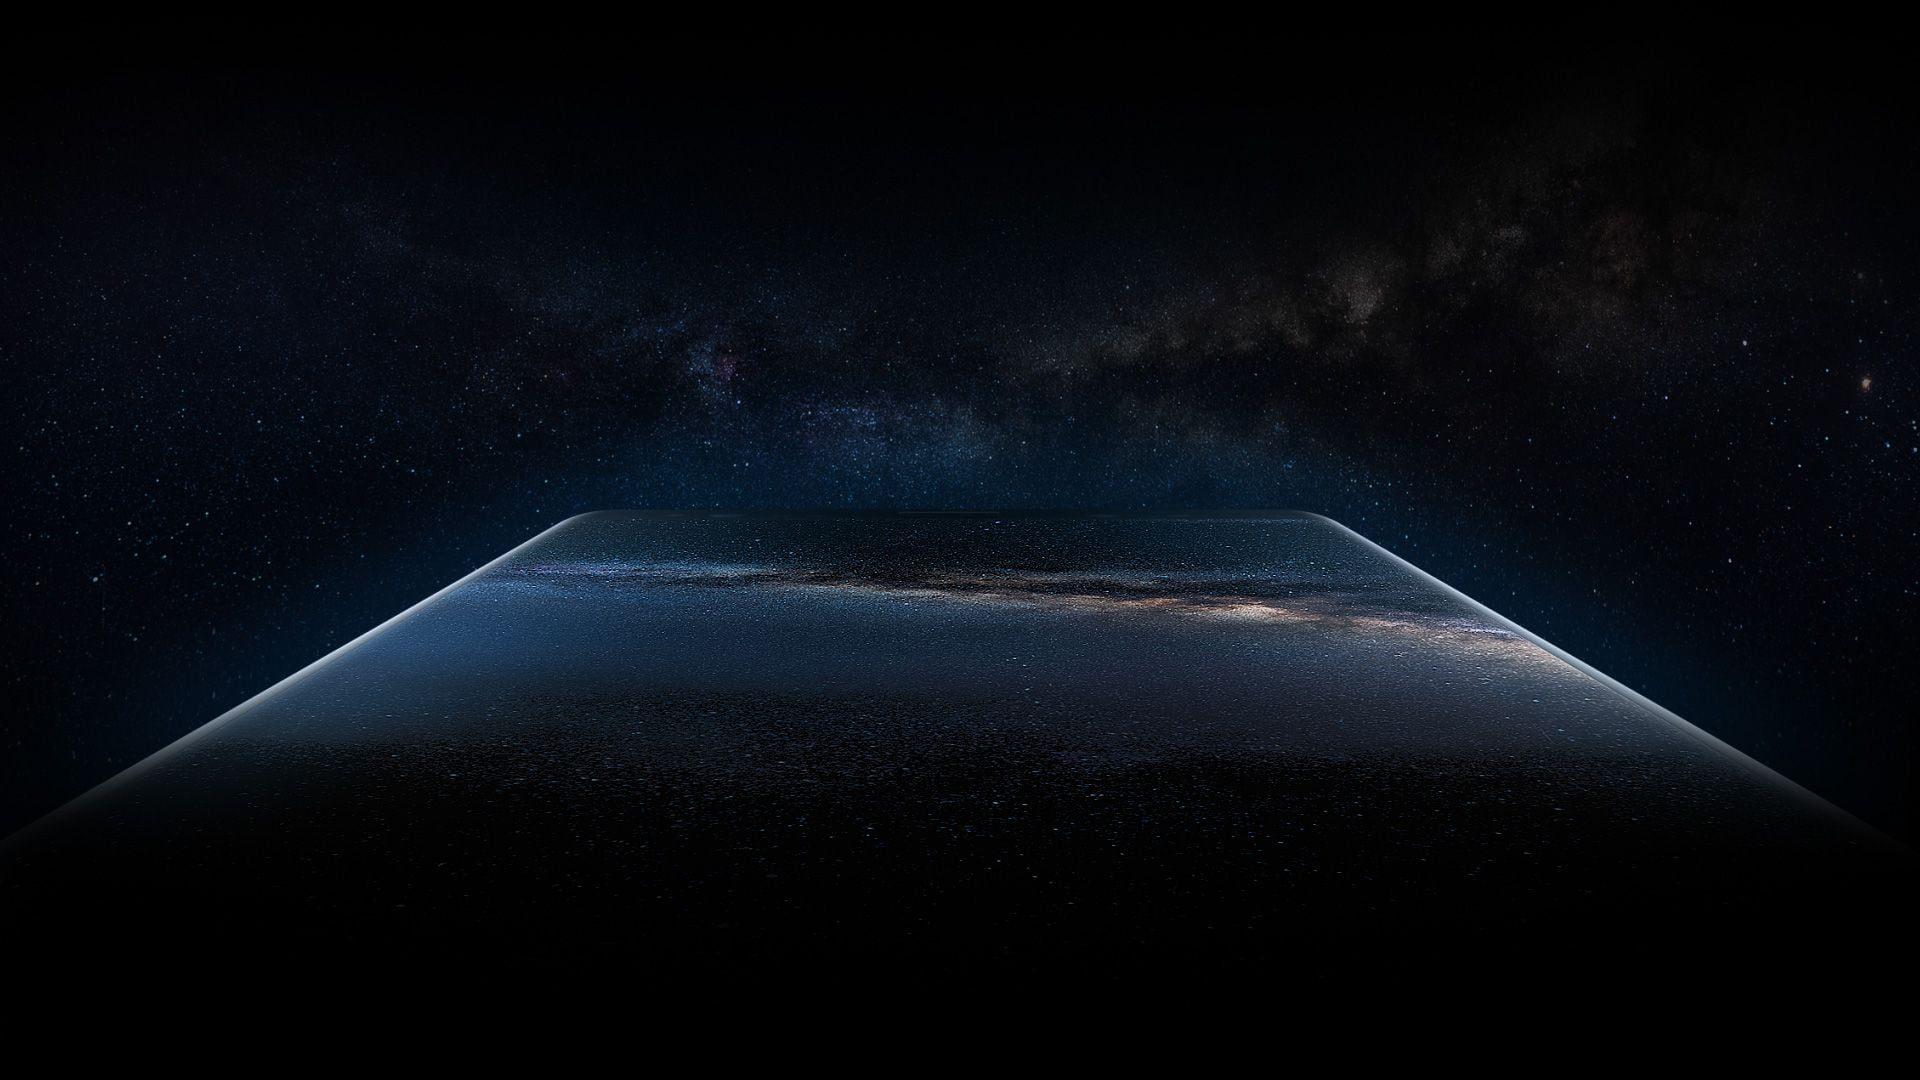 Những công nghệ mới sẽ có trên smartphone Samsung vào năm 2019?